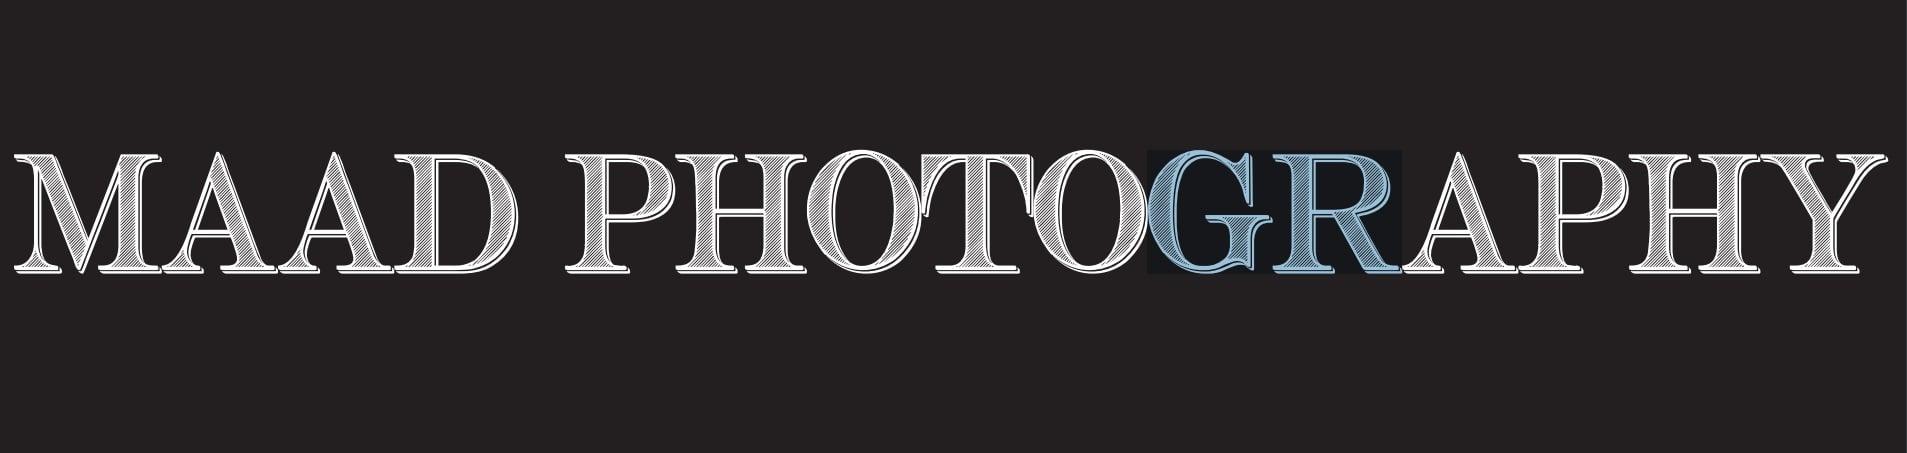 maad photography.jpg